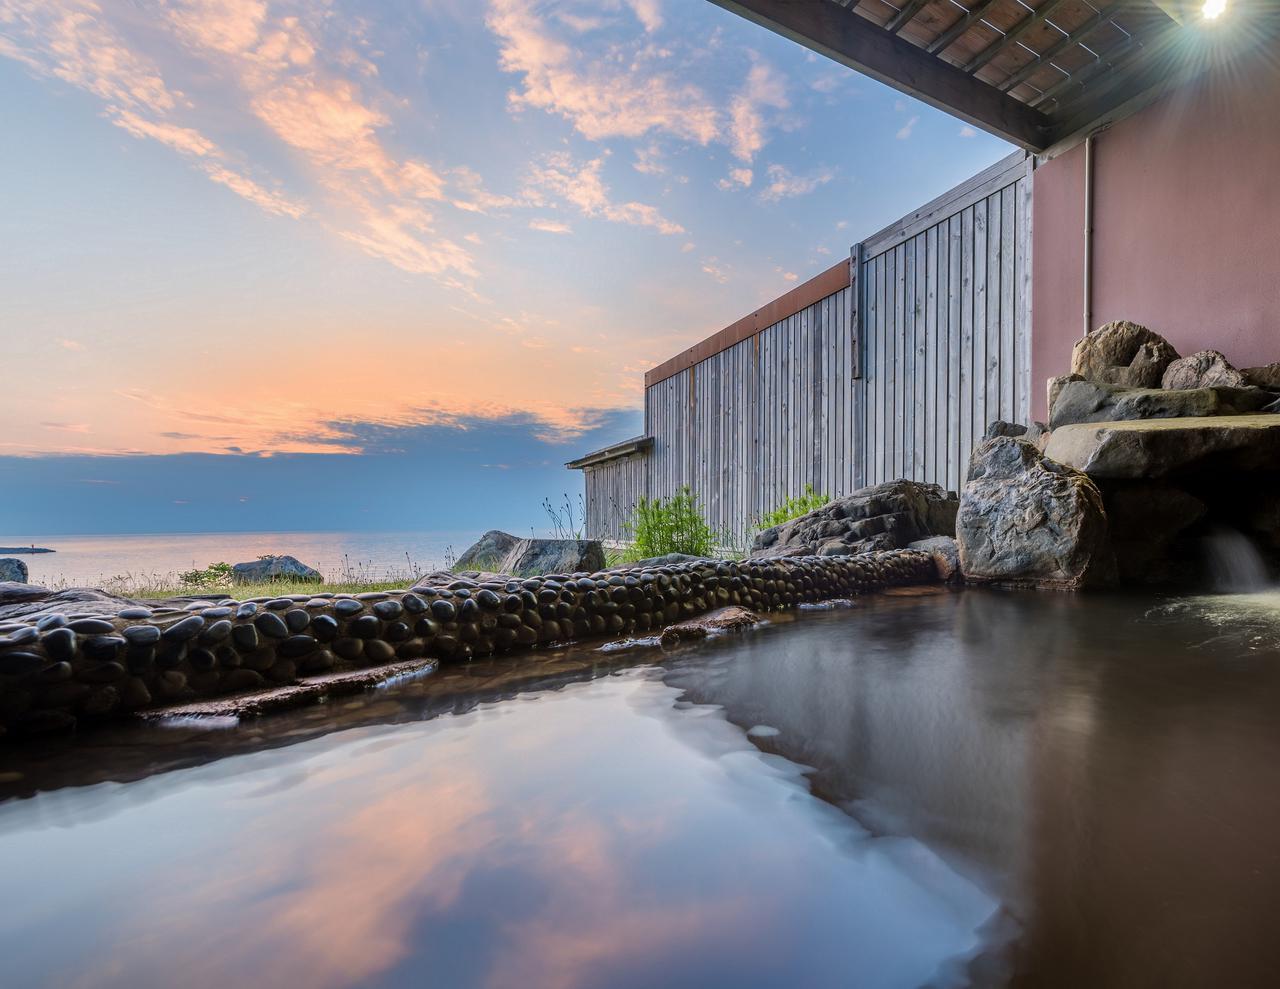 画像: グランメール山海荘:日本海を望む露天風呂(イメージ)